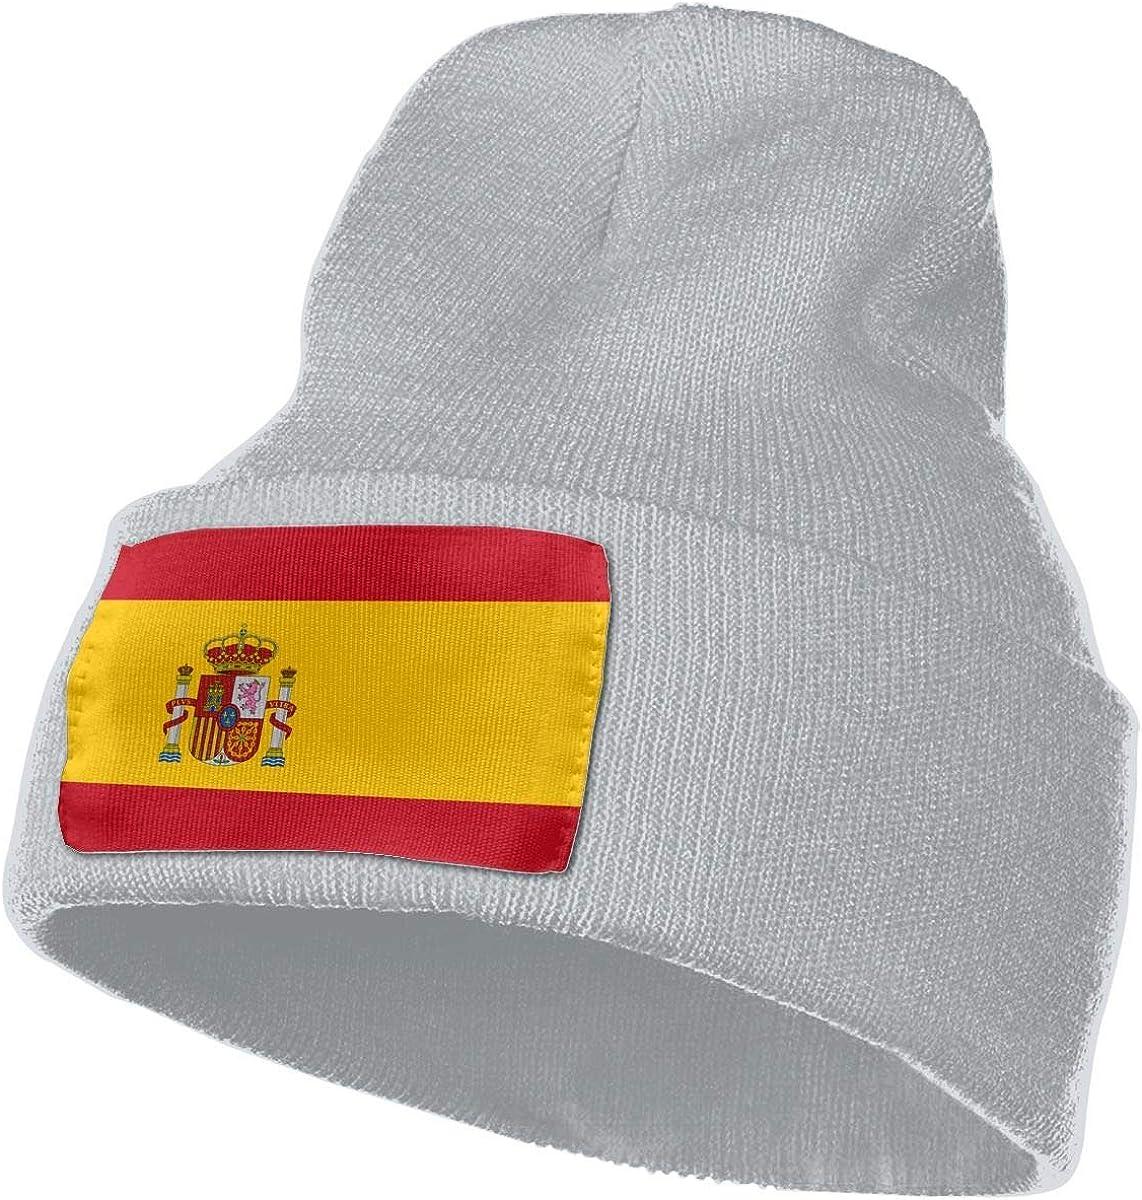 Hebb Gorro de punto elástico para hombre y mujer, diseño de bandera de España: Amazon.es: Ropa y accesorios